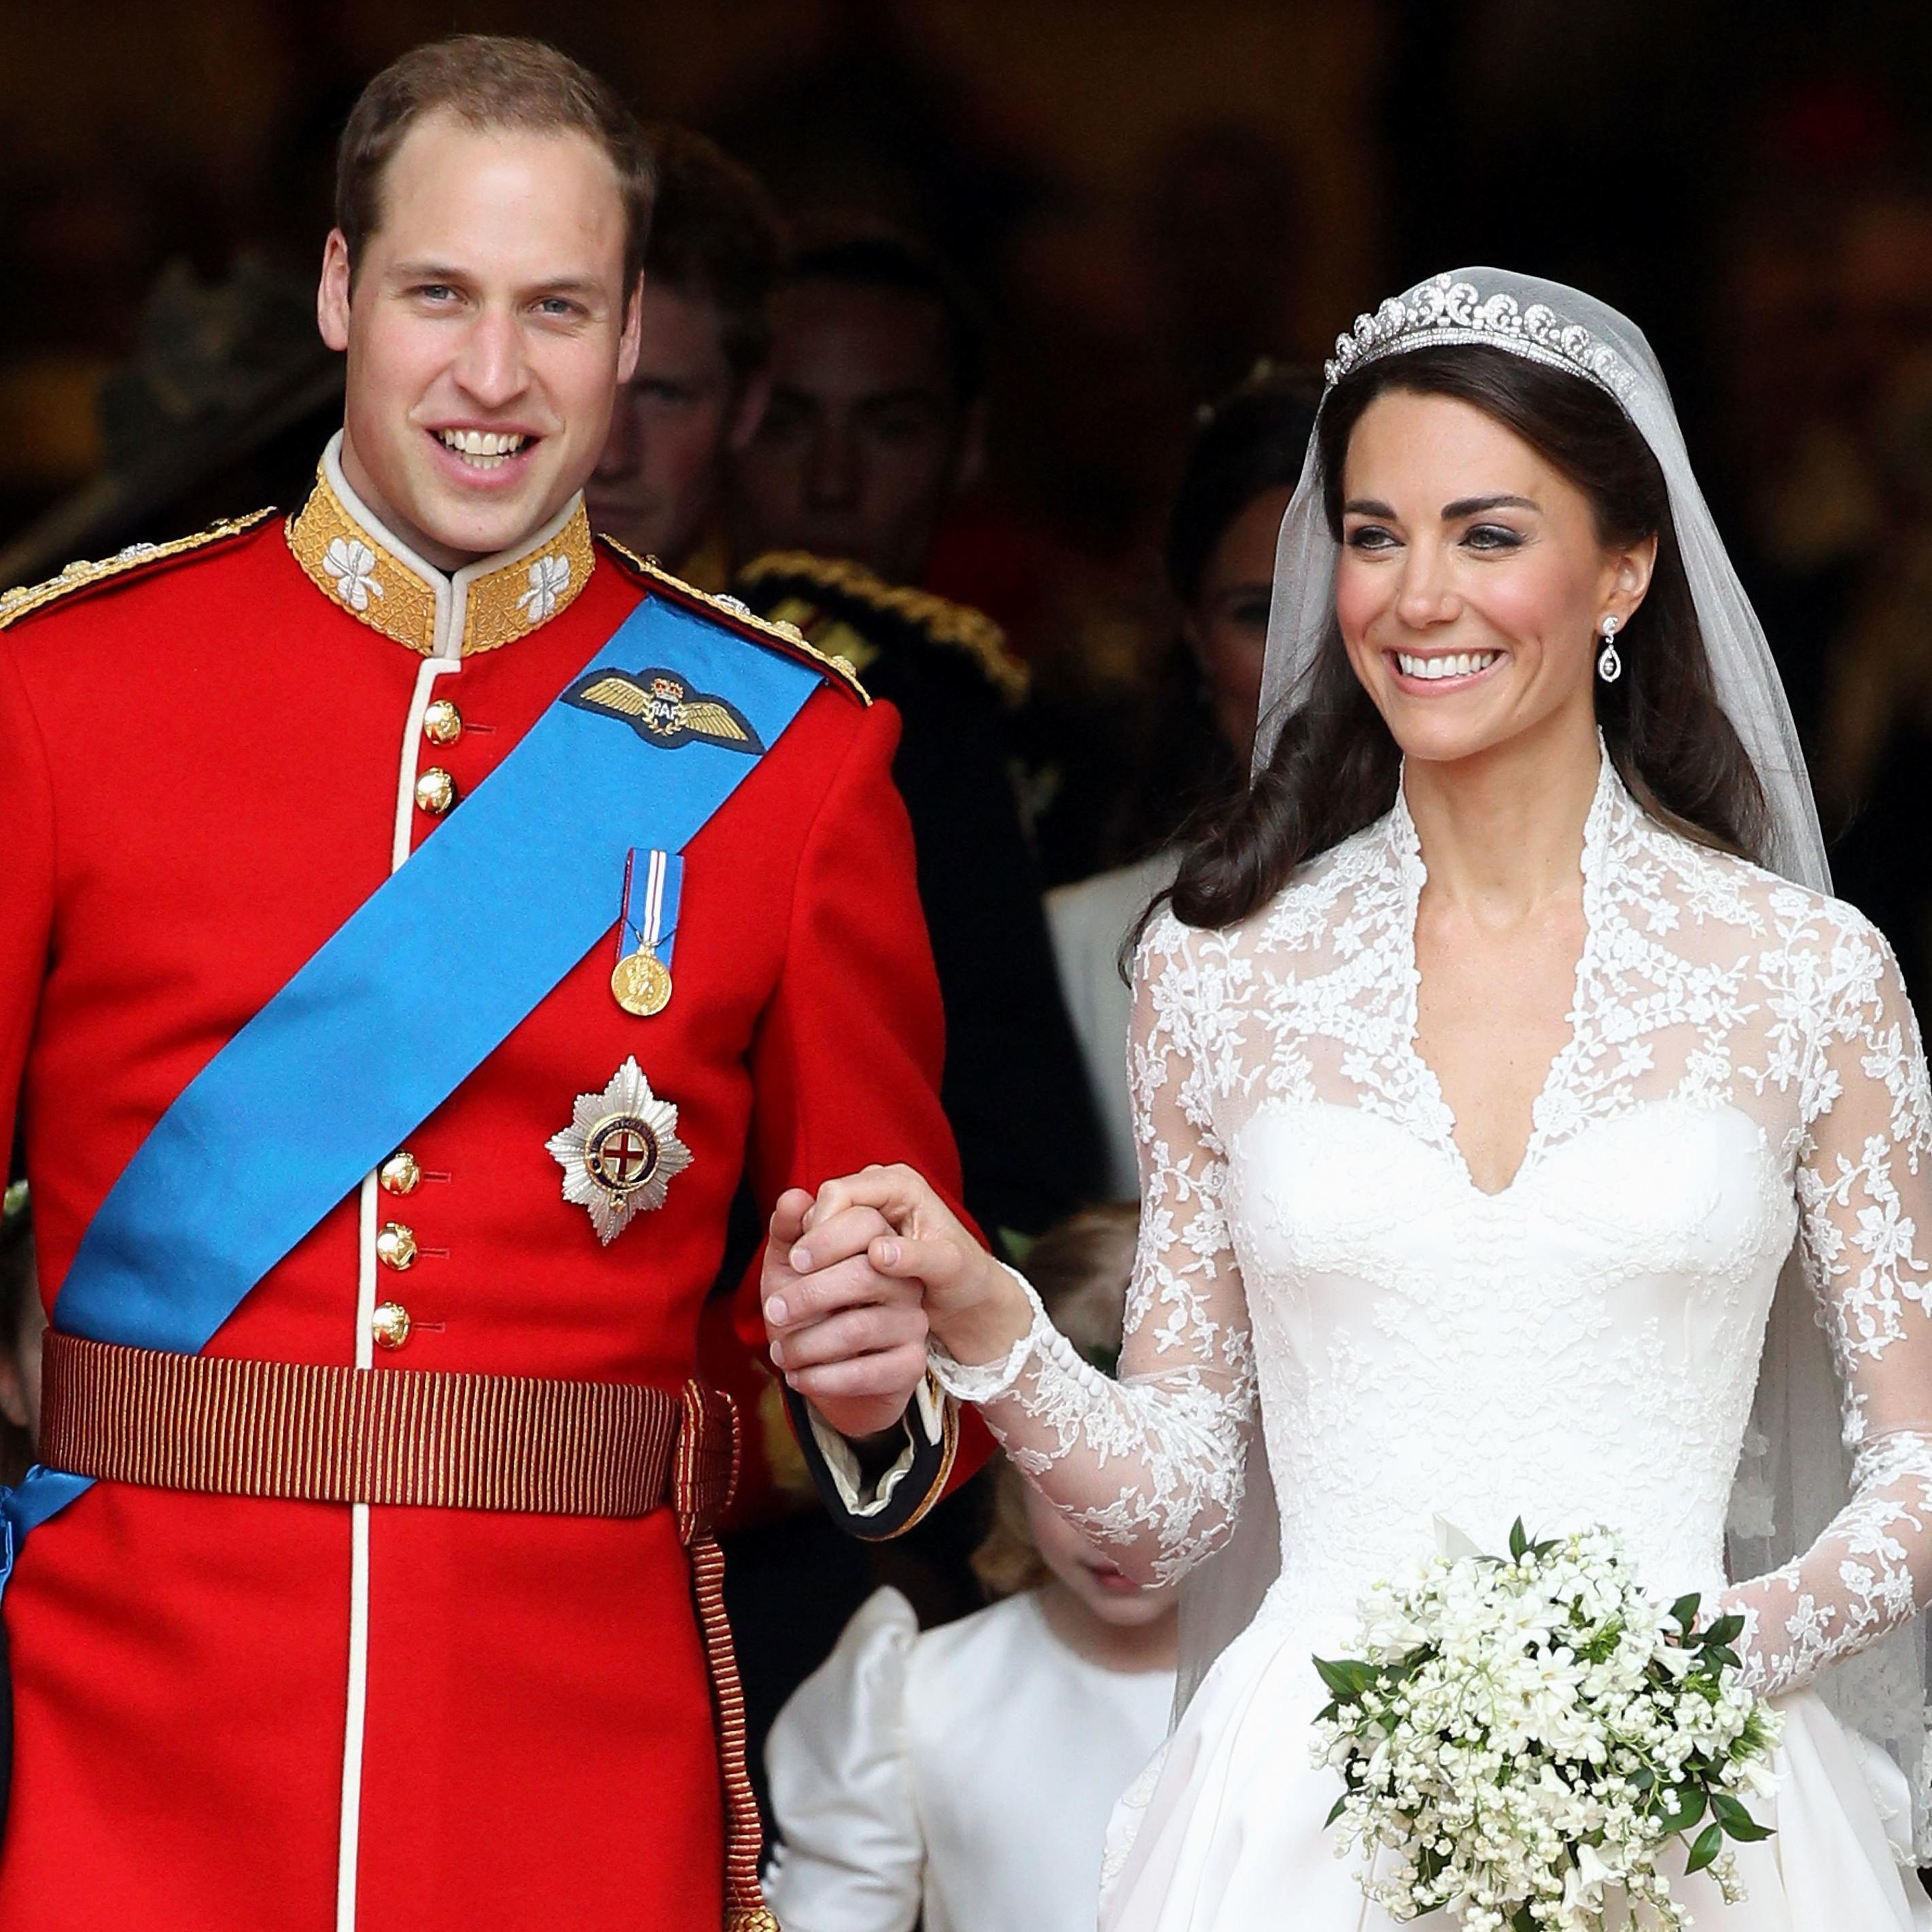 आधुनिक समय की सबसे चर्चित शाही शादी का चित्र। इस पर करीब 3 मिलियन डॉलर खर्च हुए थे।